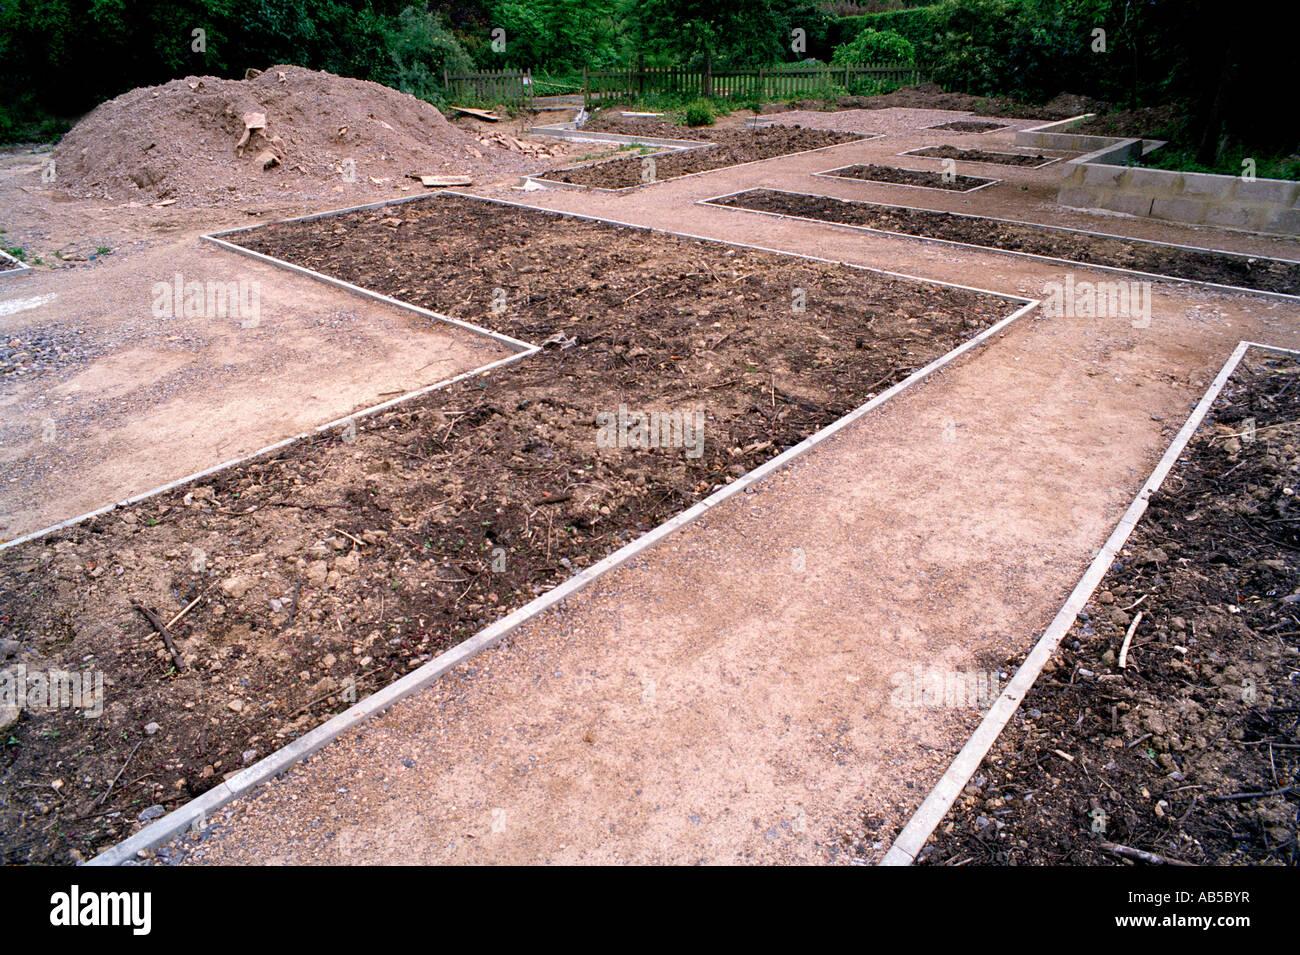 New Garden Layout Broadview Gardens Hadlow College Kent